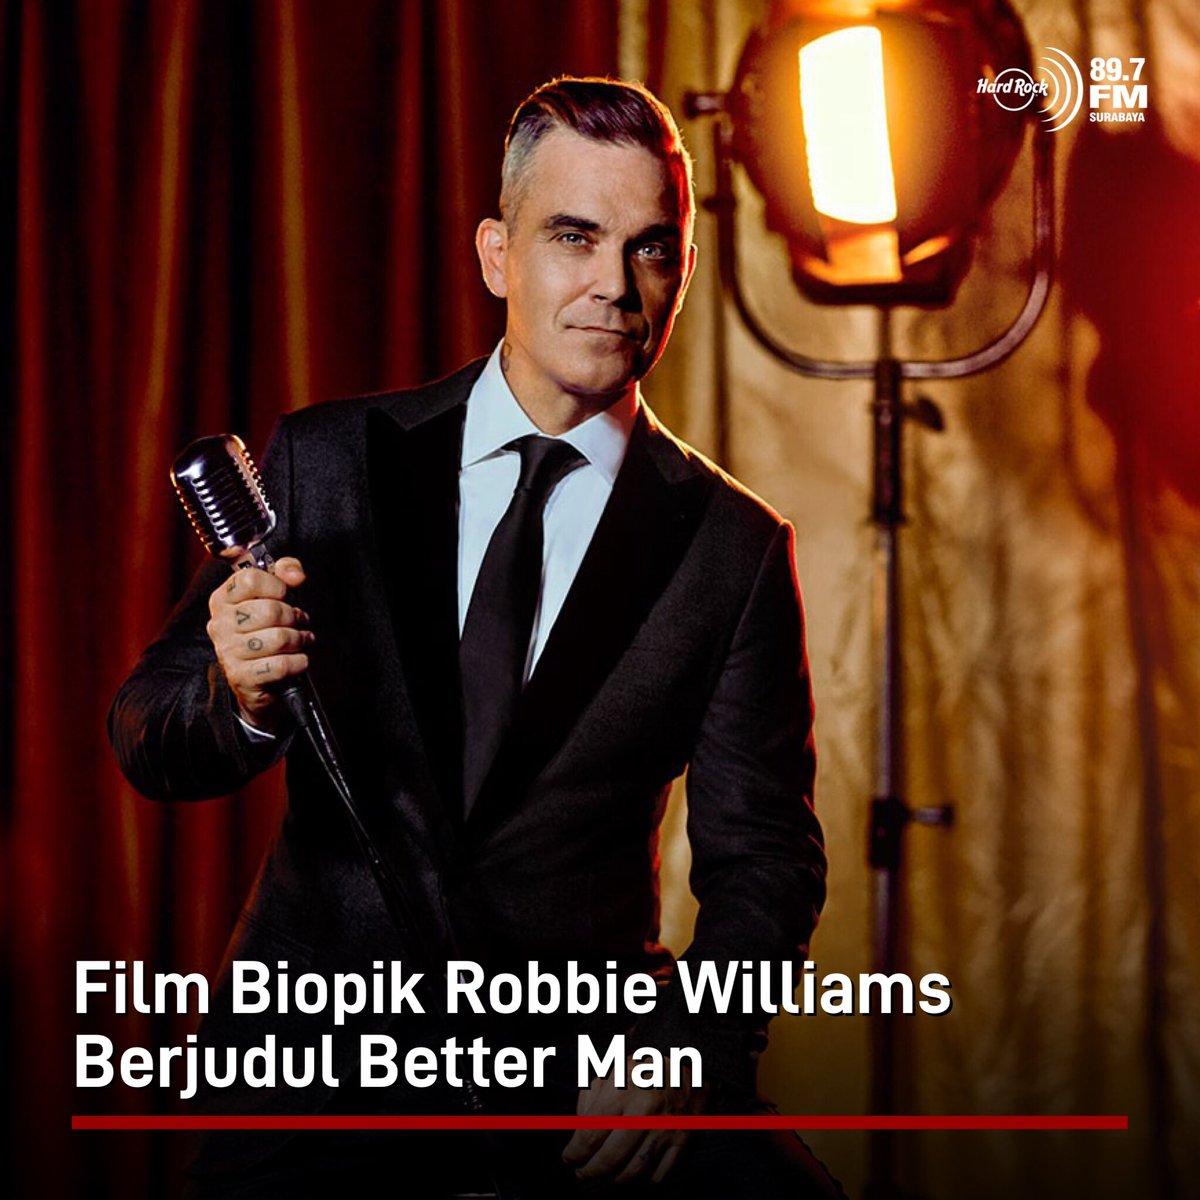 #HRFMNews Film biopik Robbie Williams diberi judul Better Man dan akan disutradarai oleh Michael Gracey, yang sebelumnya menyutradarai The Greatest Showman.  Film ini akan dikemas dengan menggabungkan unsur musik dan cerita fantasi yang diangkat dari perjalanan karier Robbie.